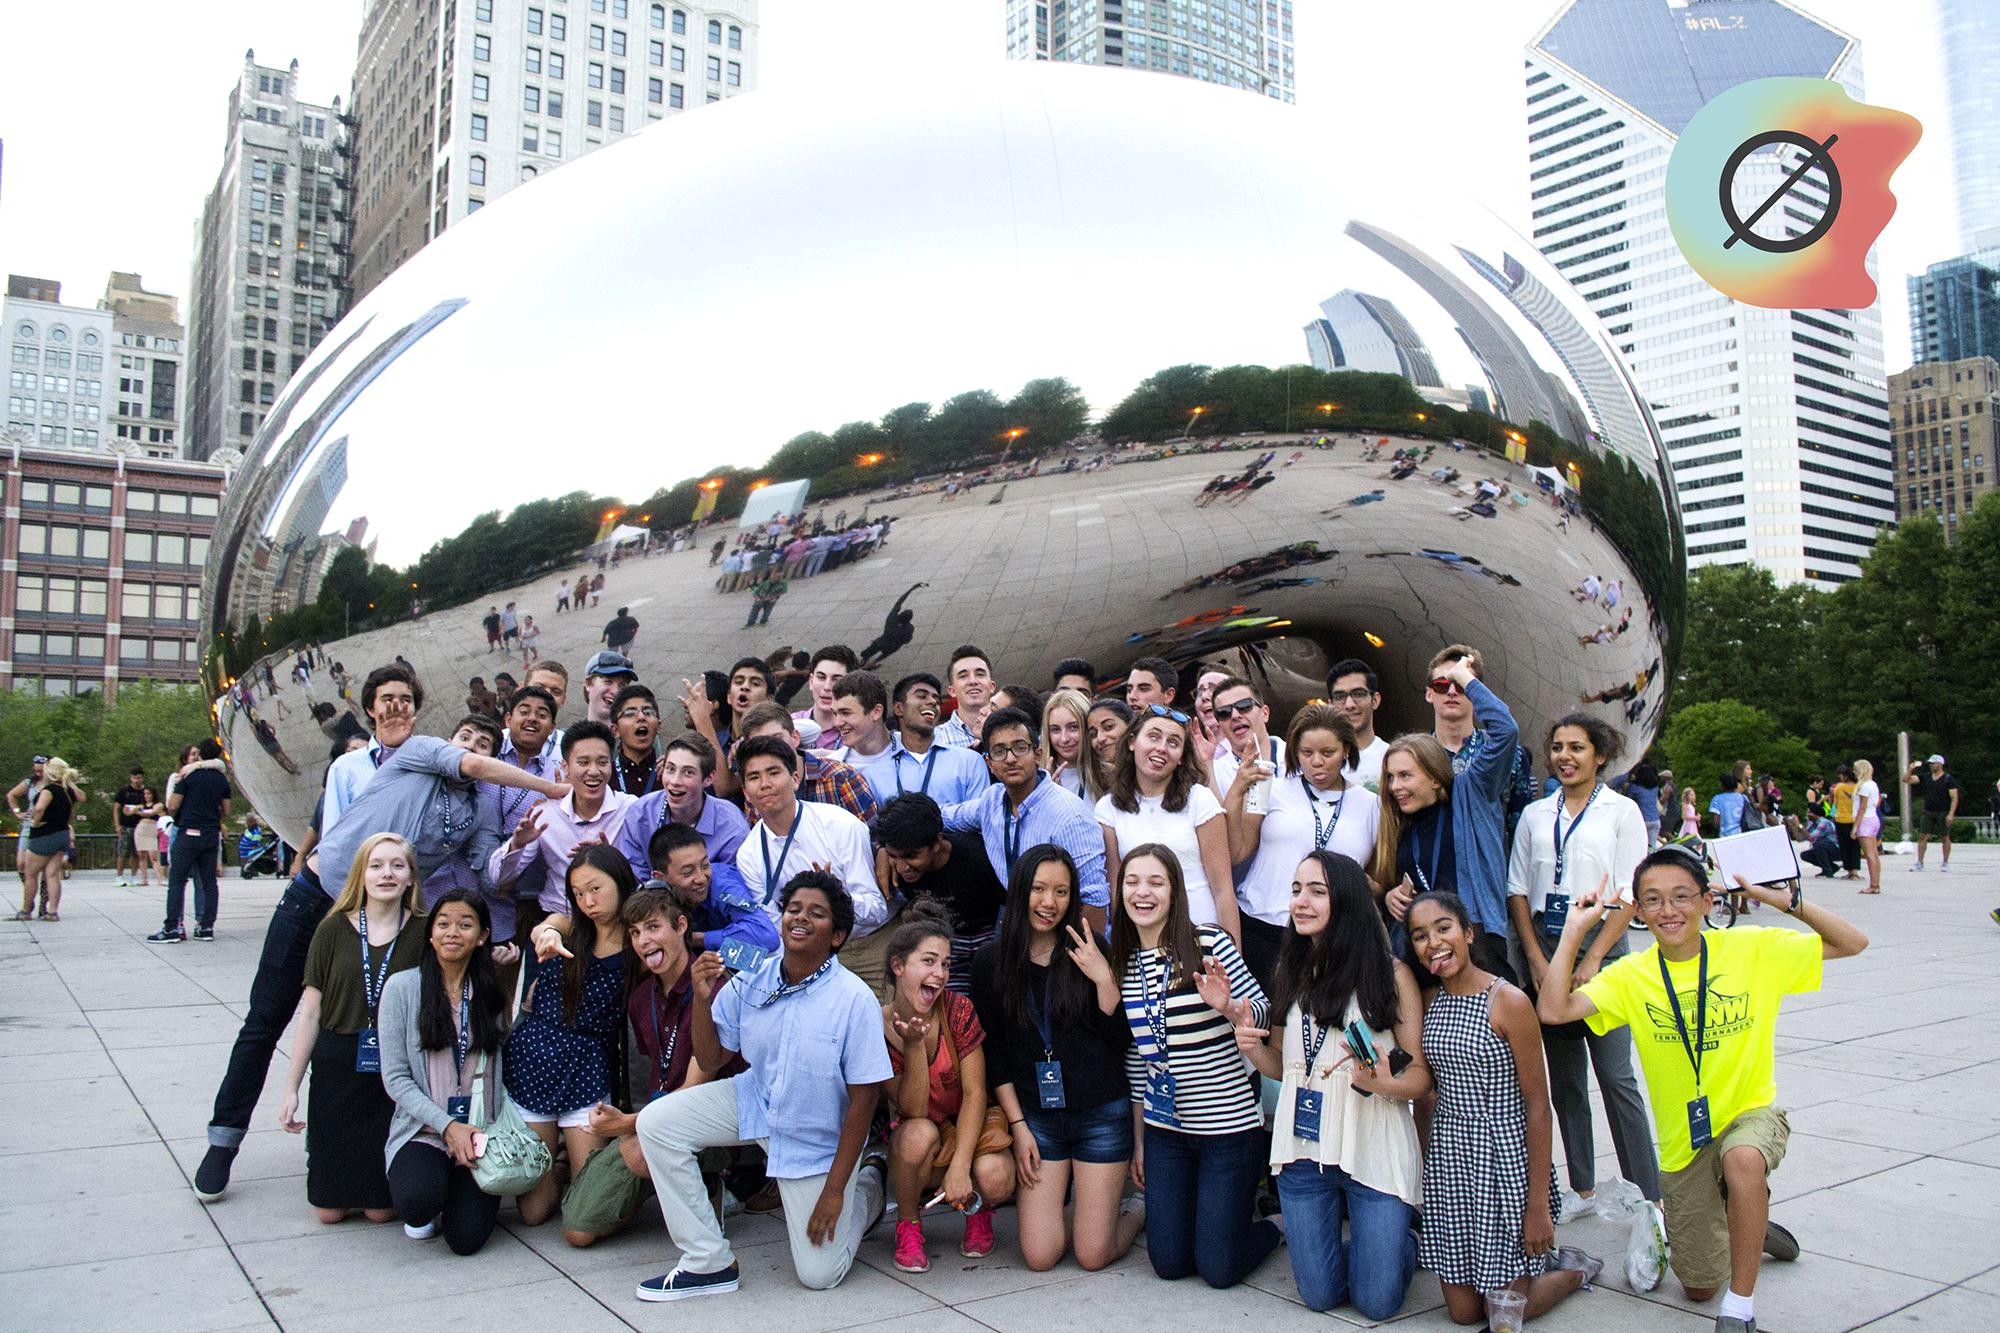 Summer Program - Economics | Startup Experiences This Summer - Quarter Zero